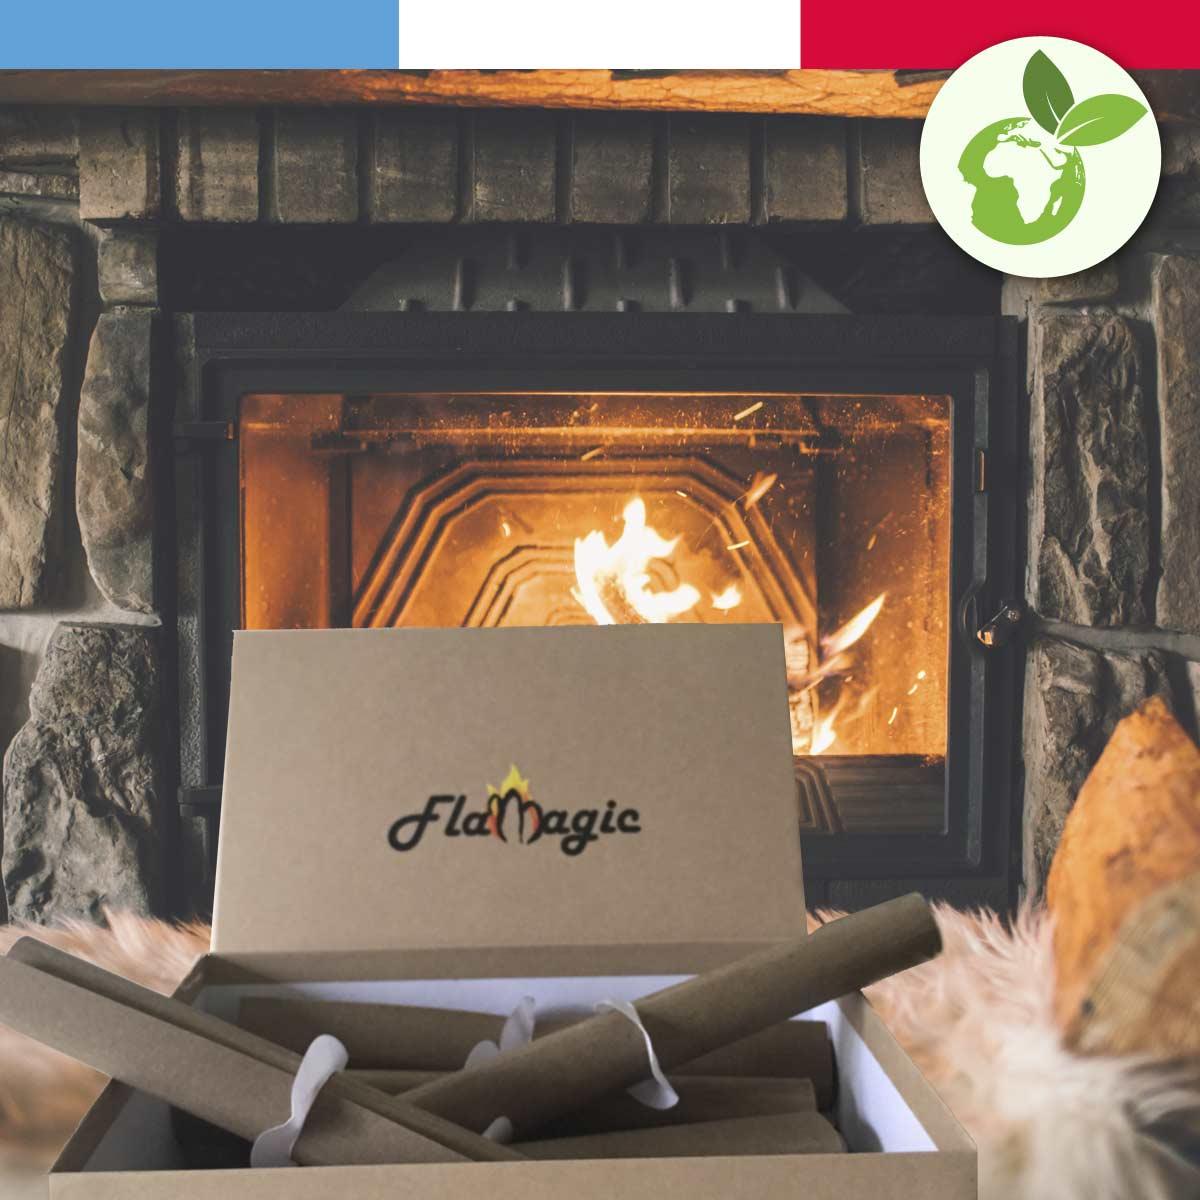 Boite d'allume feux écologiques Flamagic - décorative et rechargeable